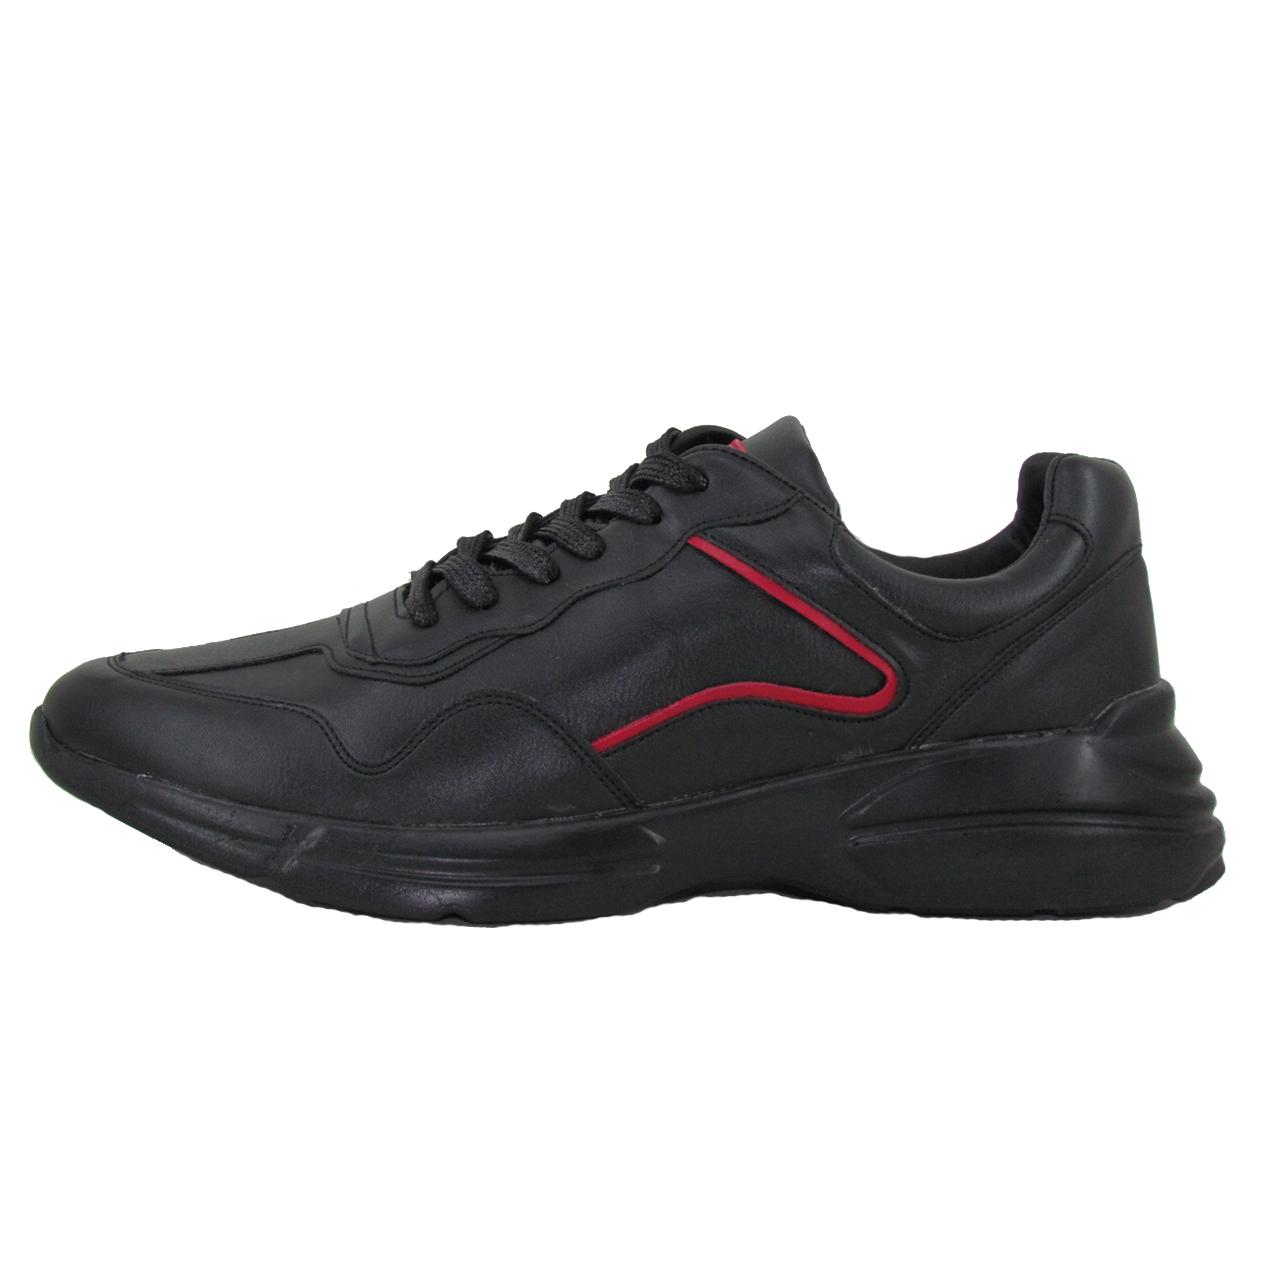 قیمت کفش مخصوص پیاده روی مردانه مدل 205 MIRACLE